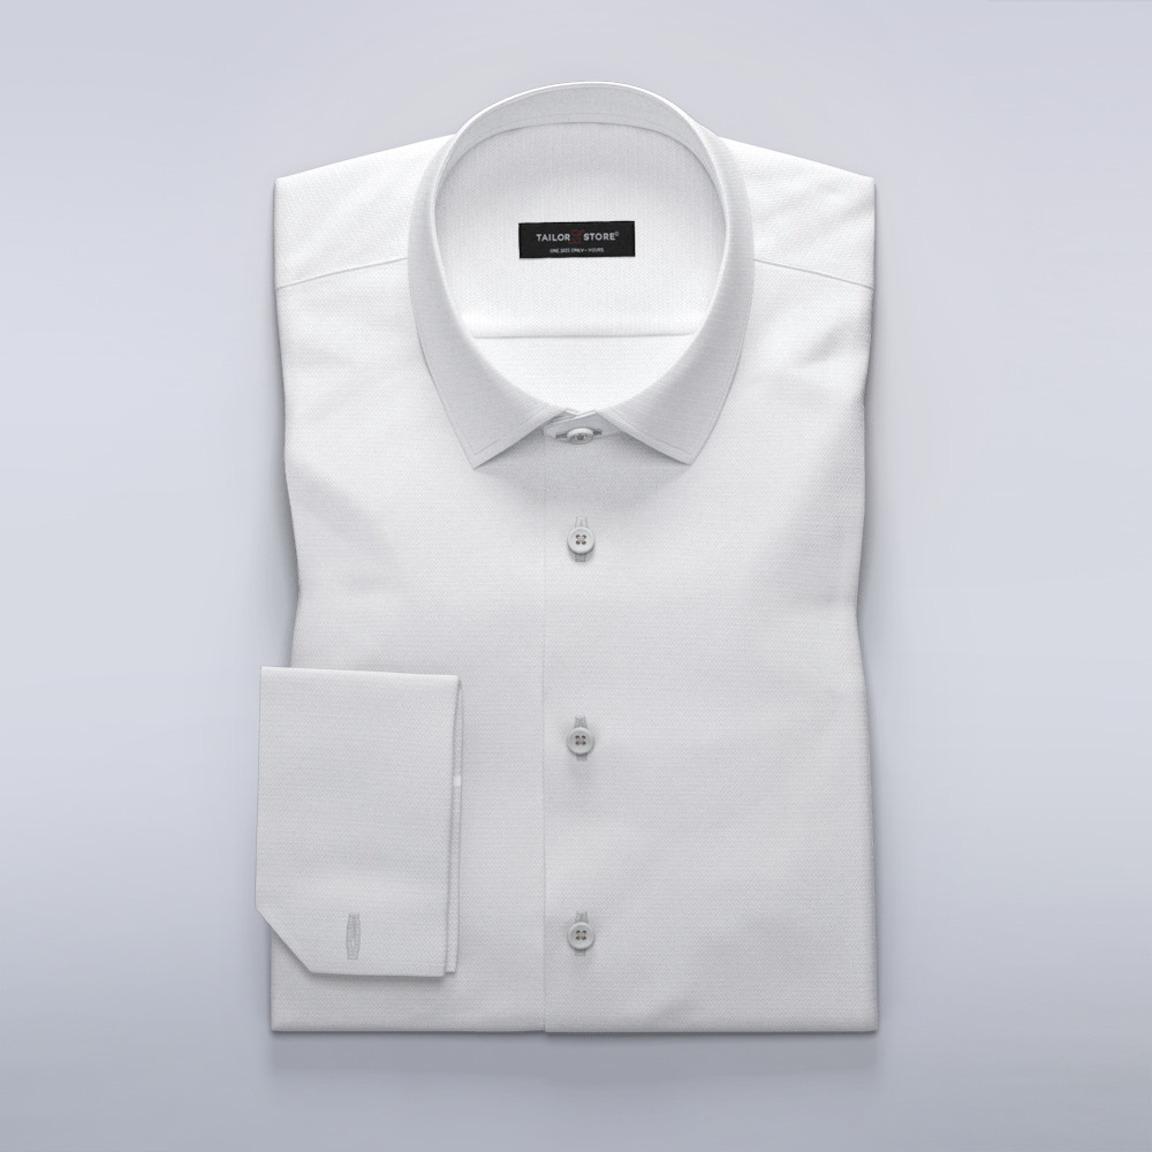 Exklusives Business-Hemd für Damen aus strukturiertem Stoff